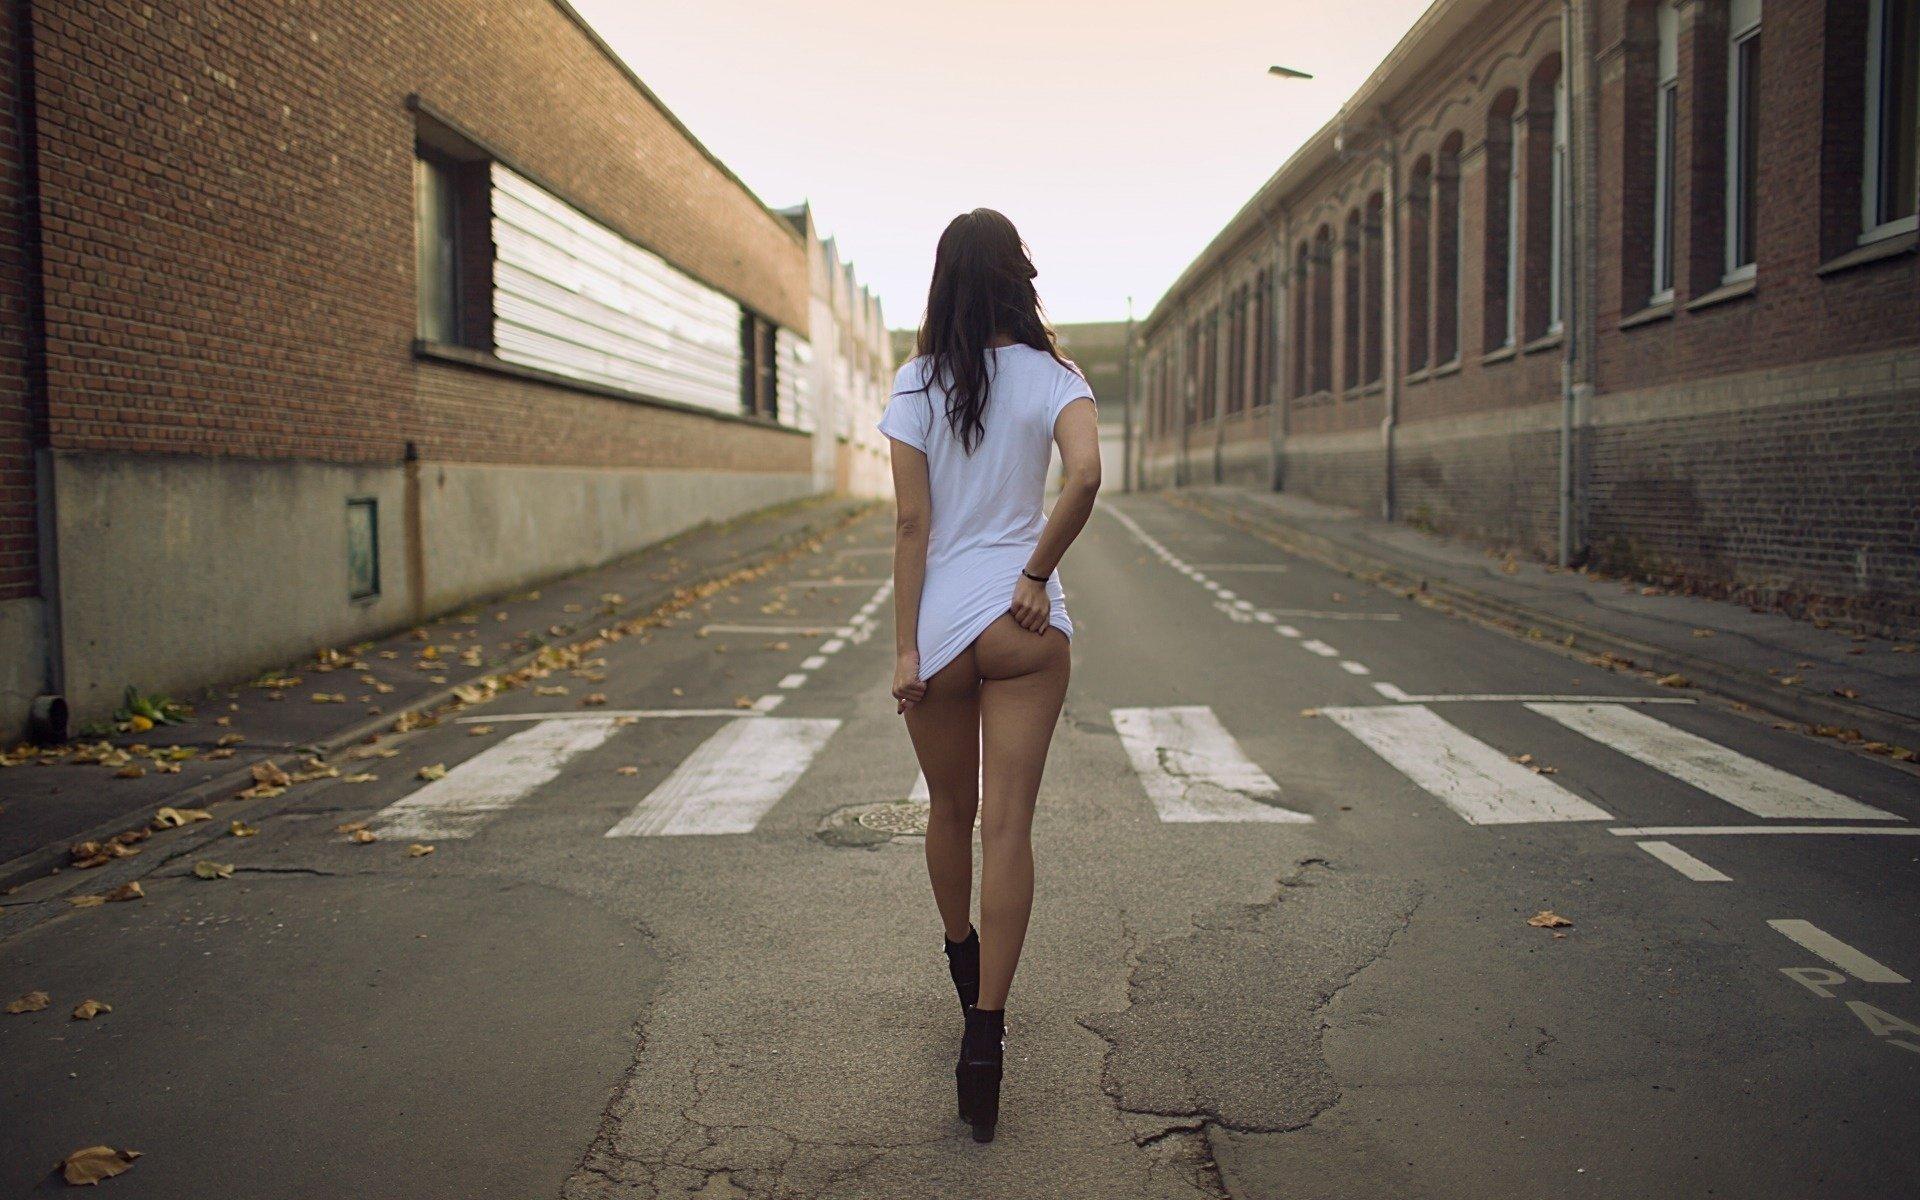 Смотреть онлайн девушки ходят в мини 22 фотография